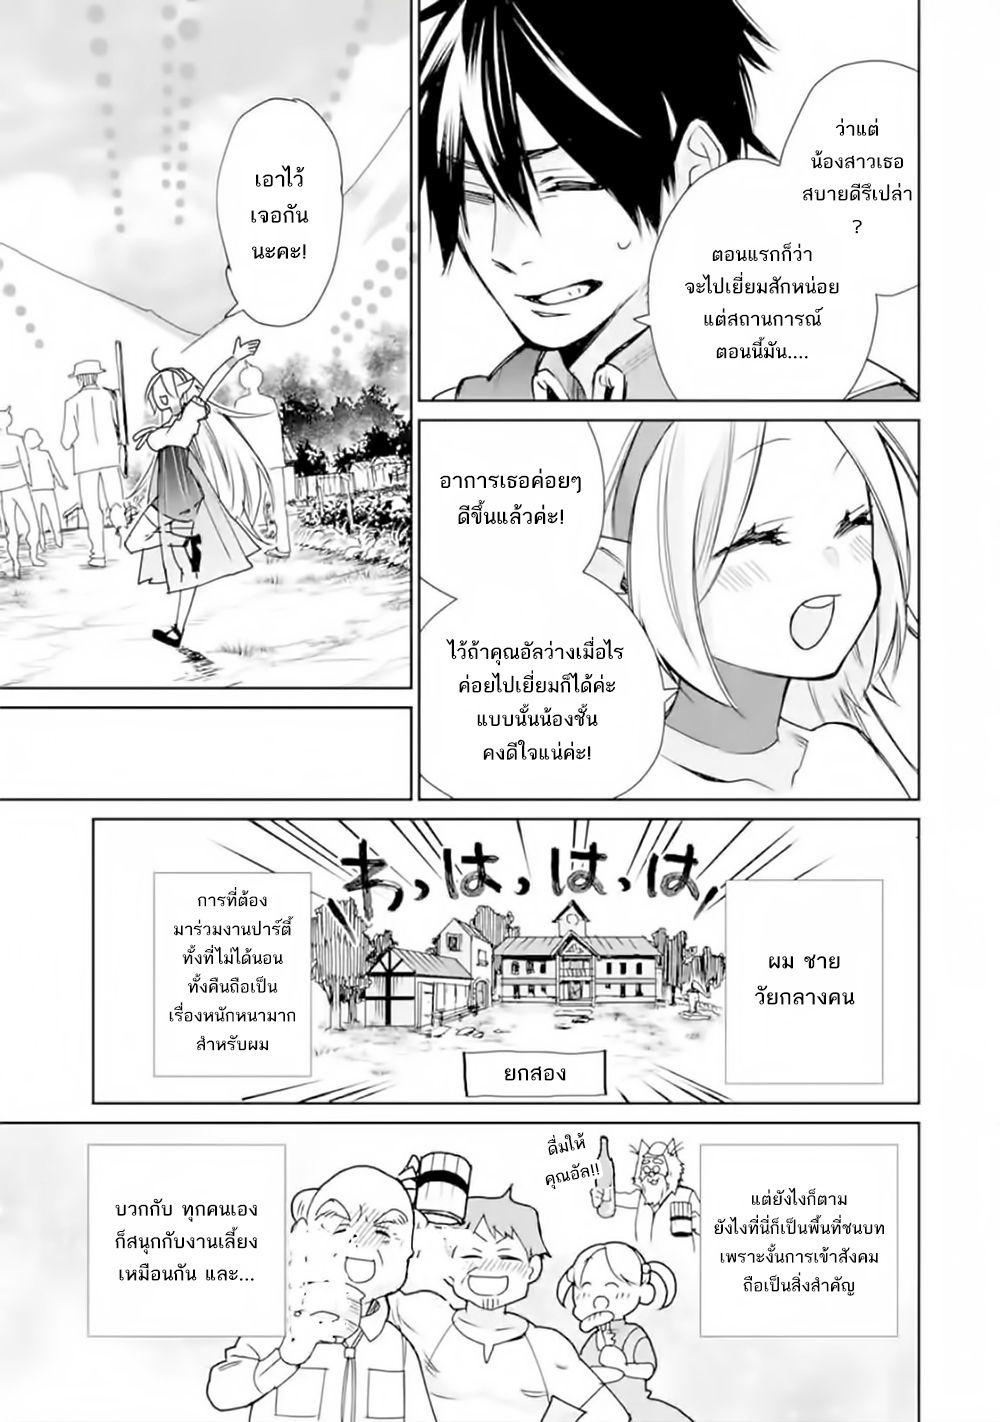 อ่านการ์ตูน Saikyo no mado-shi. Hiza ni ya o ukete shimattanode inaka no eihei ni naru ตอนที่ 2.3 หน้าที่ 12